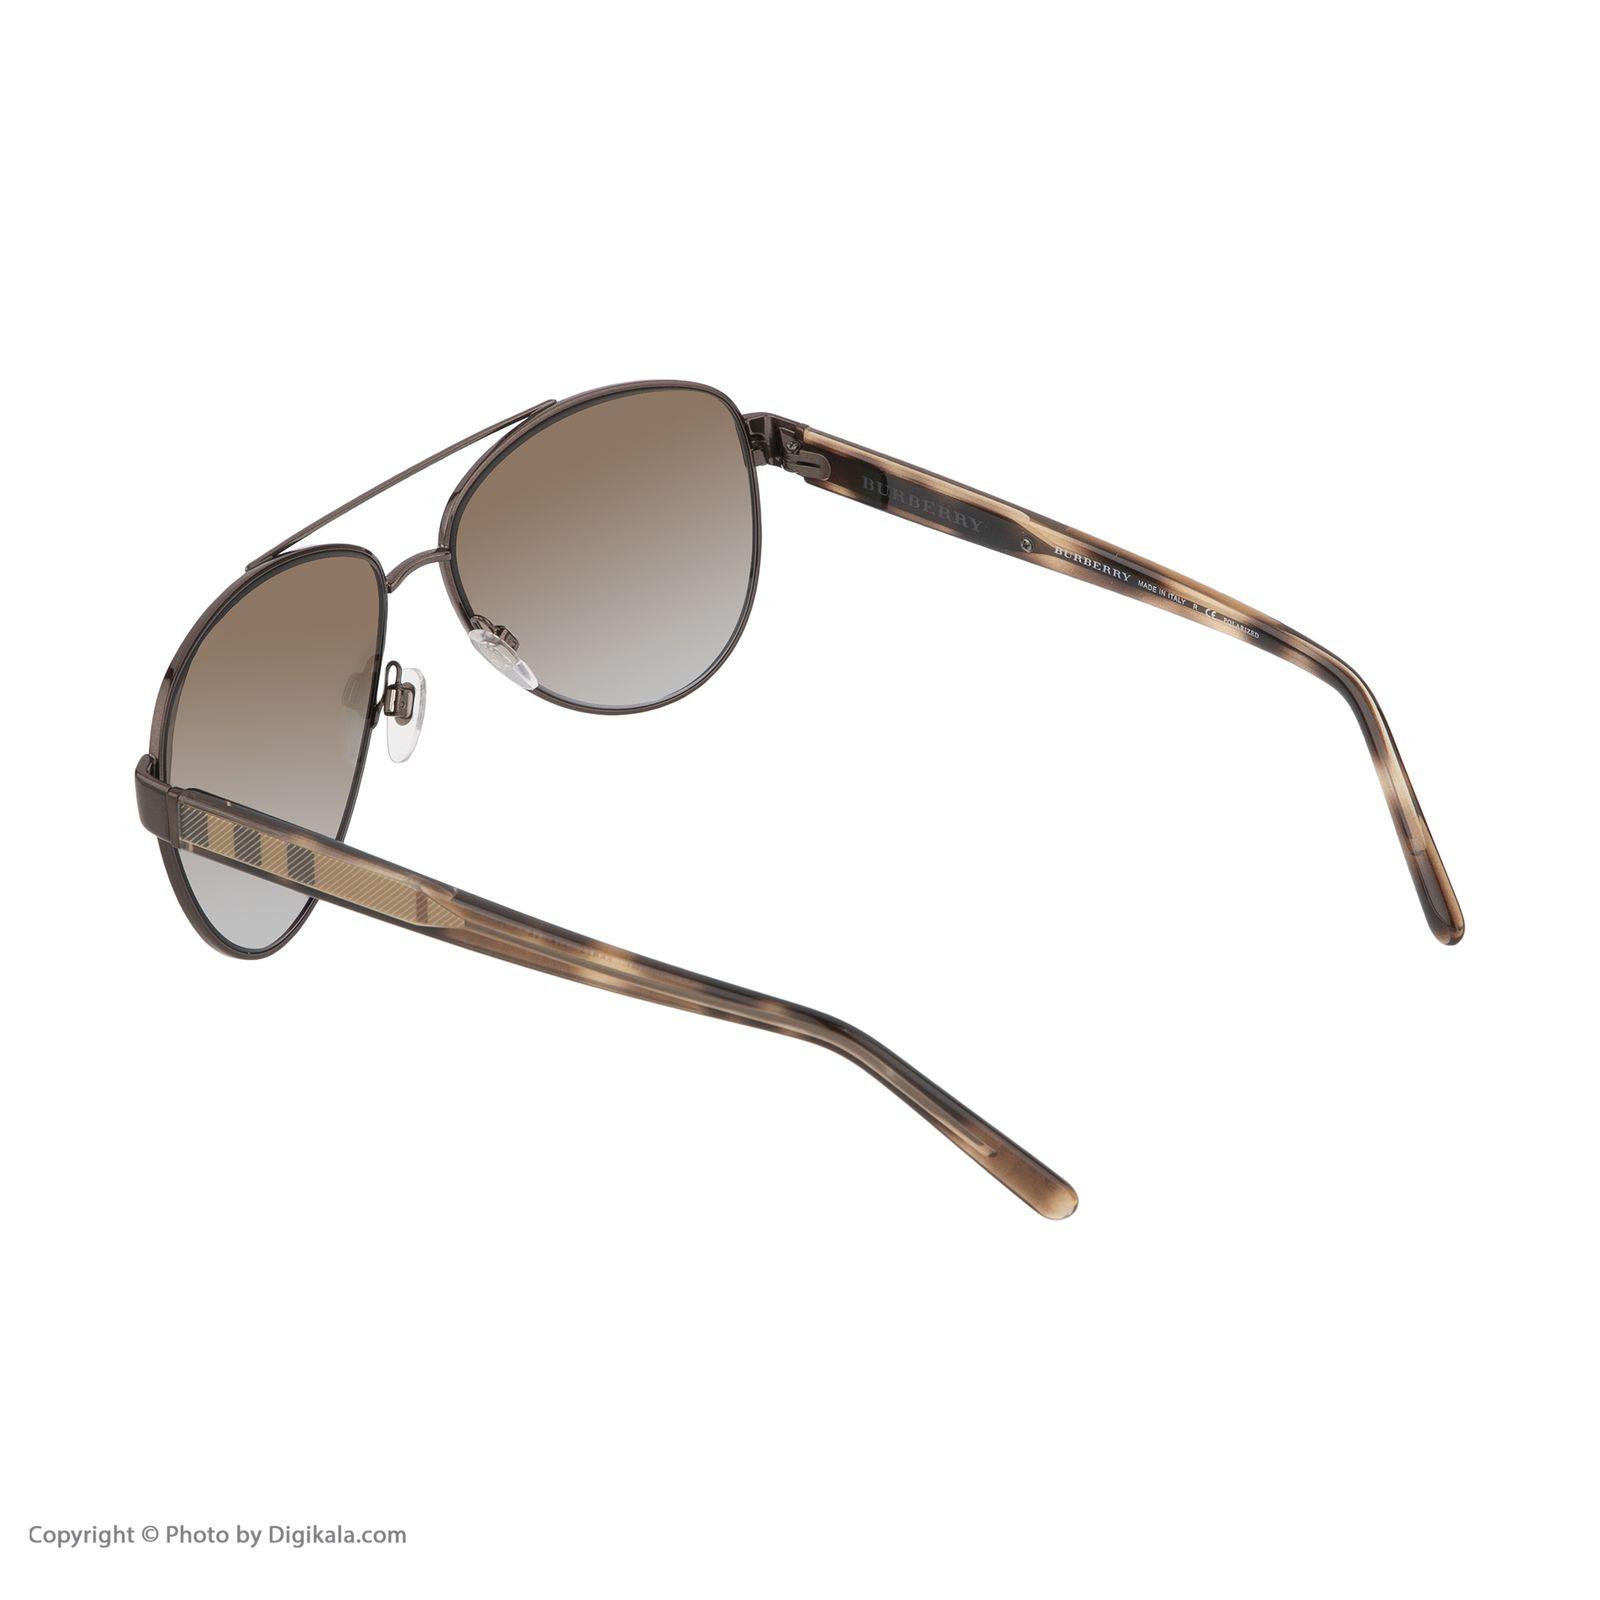 عینک آفتابی زنانه بربری مدل BE 3084S 1226T5 60   -  - 5